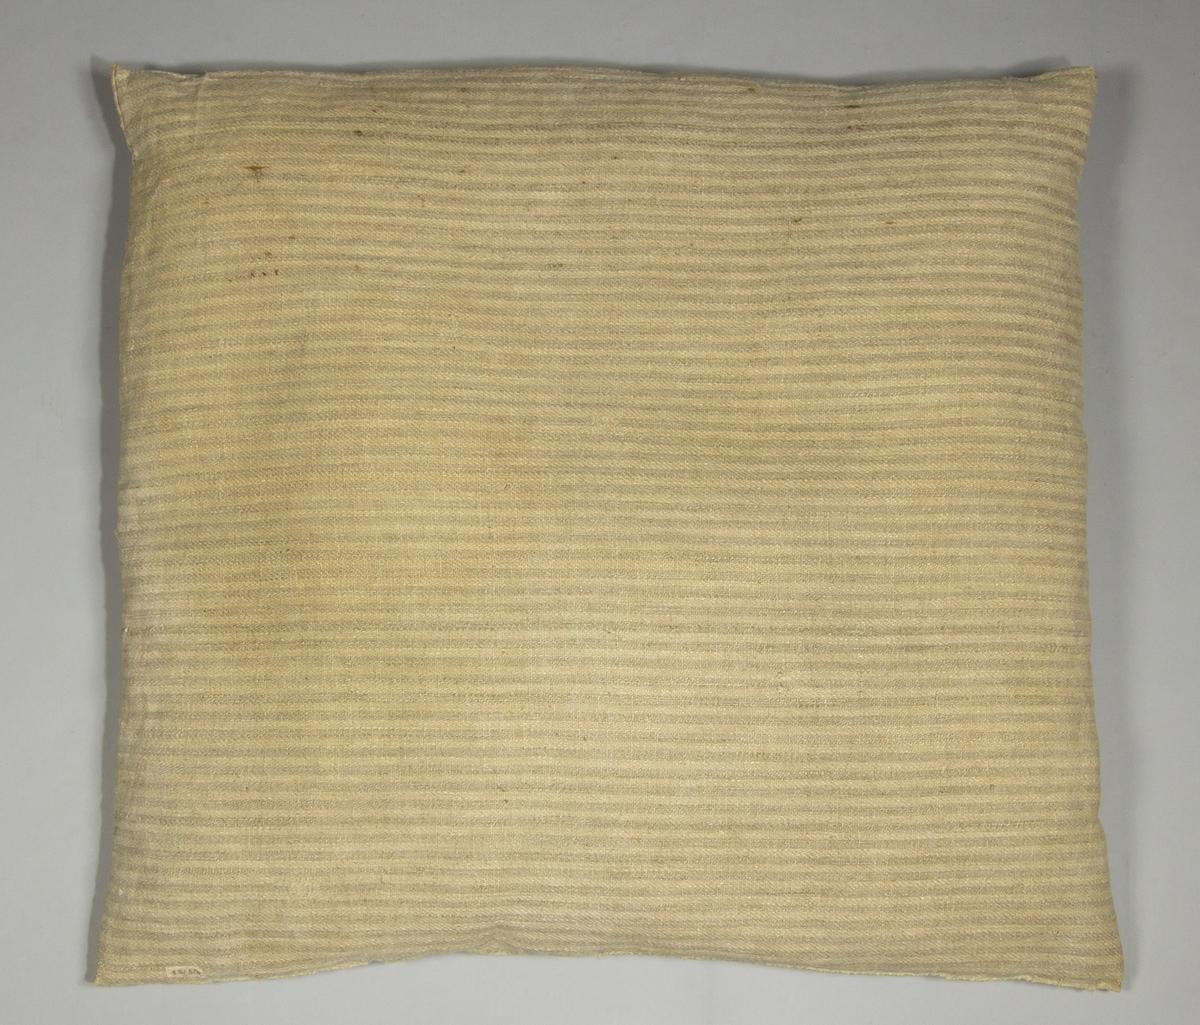 Kudde av handvävt grovt linnetyg, vävt i kypert på tre skaft. Varpen randig i grått och oblekt, enfärgat inslag.